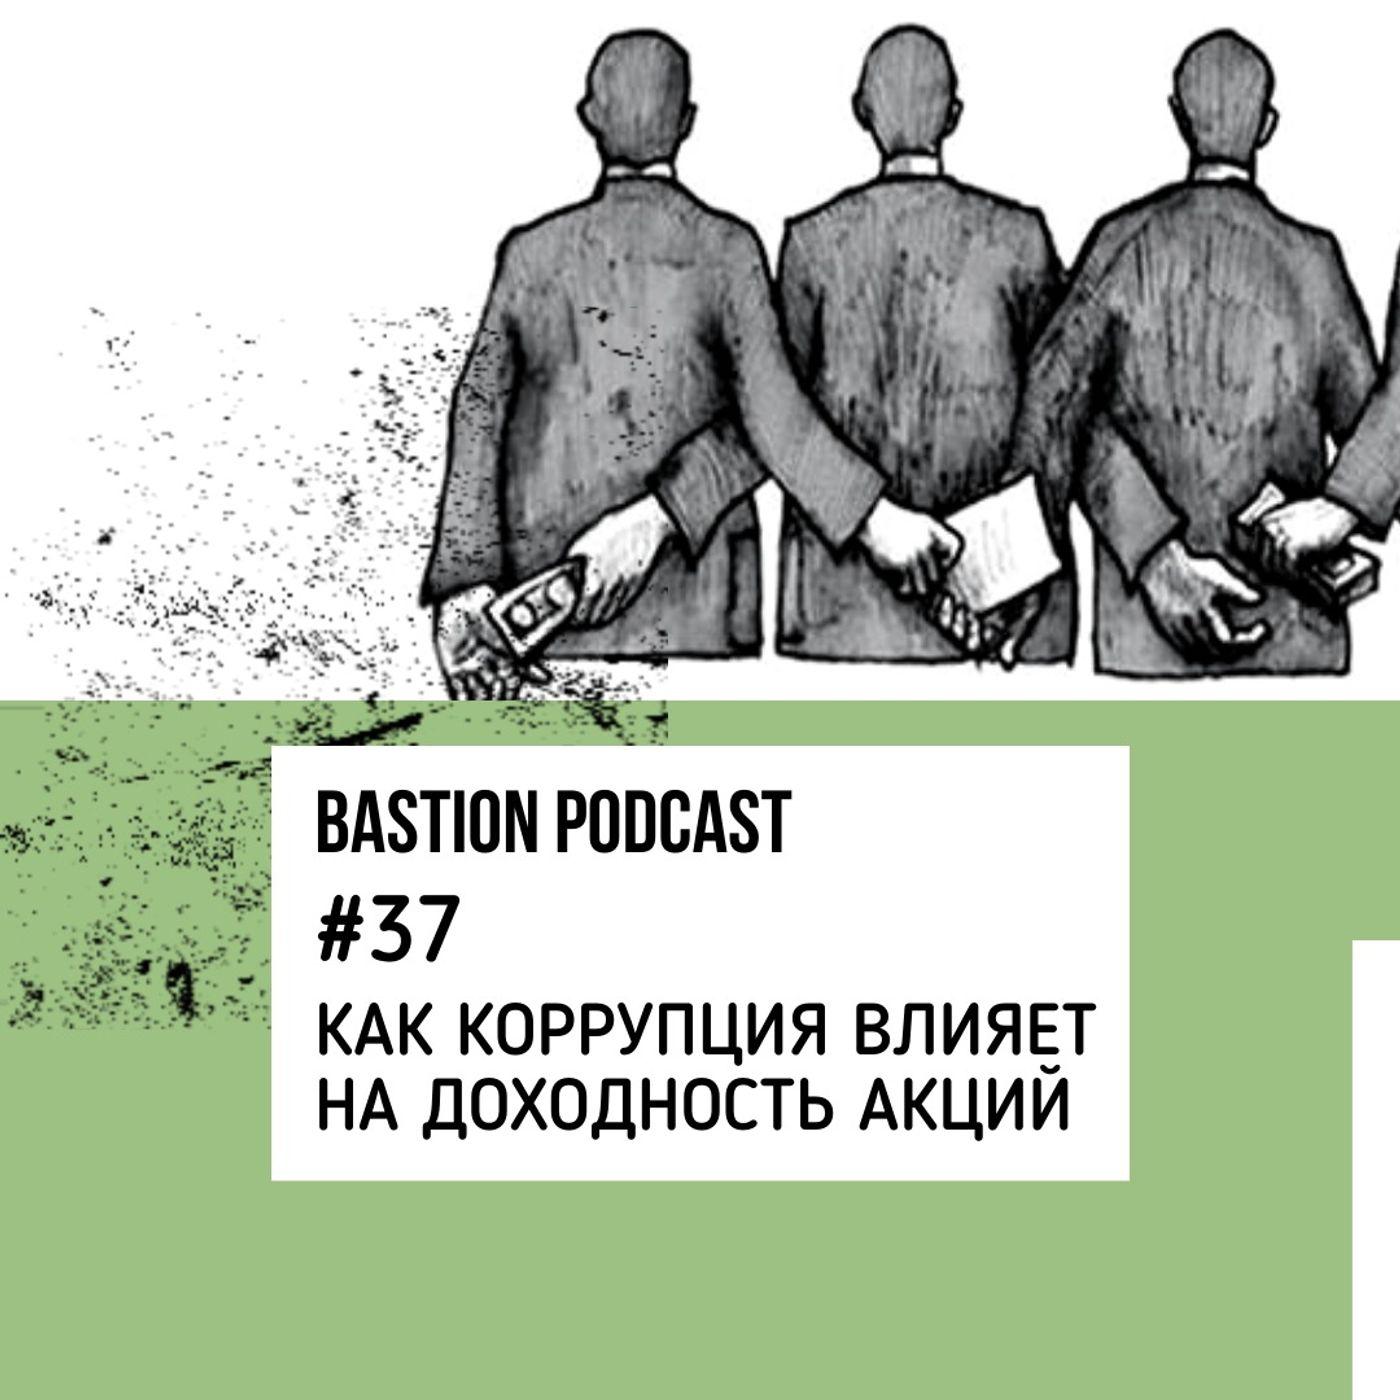 #37: Как коррупция влияет на доходность акций